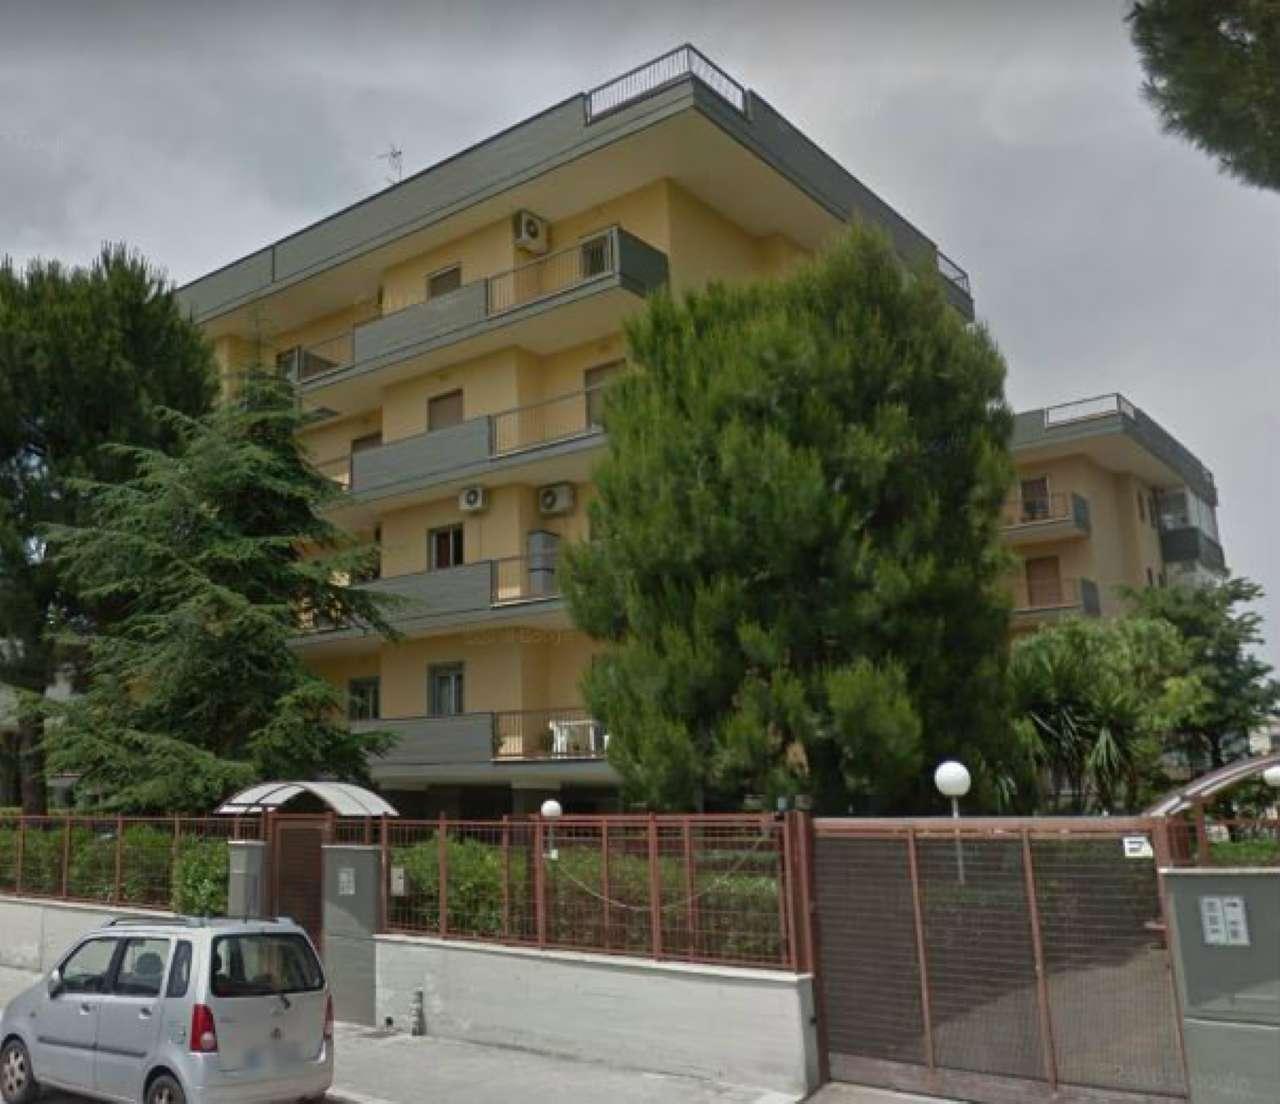 Foto 1 di Quadrilocale via Pietro Mascagni, Bari (zona Marconi - S.Girolamo)